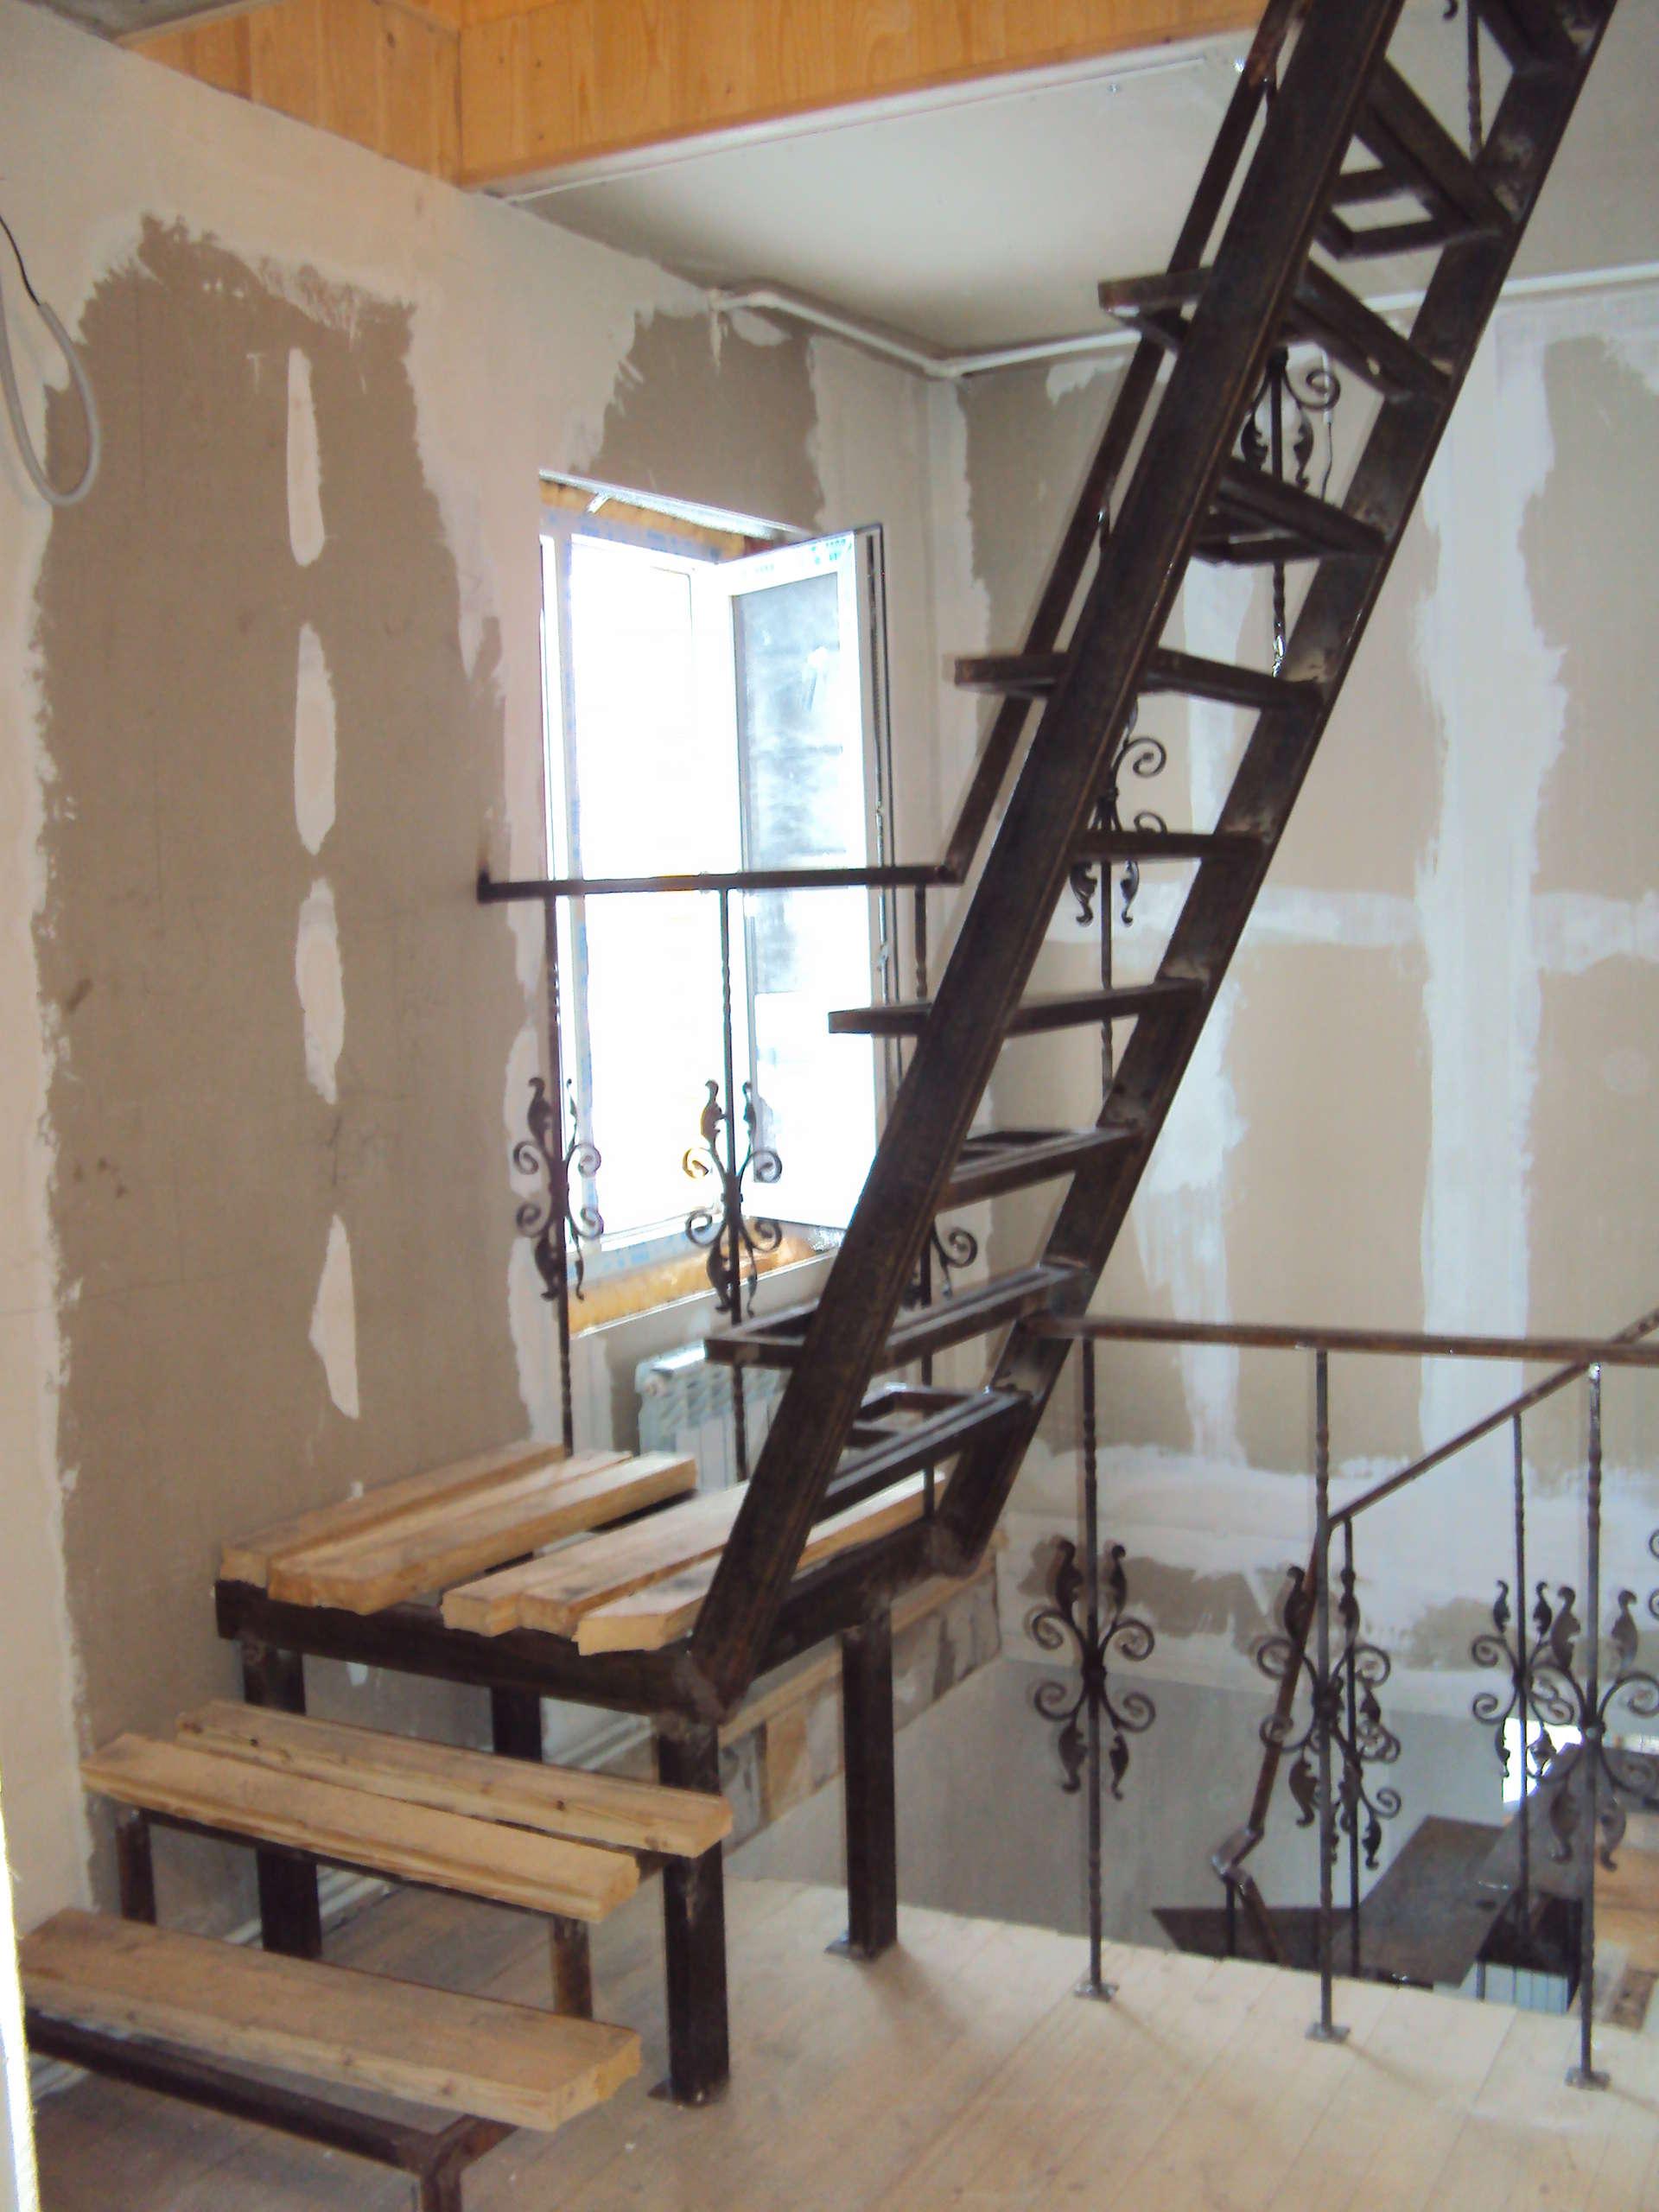 Сварная лестница в доме своими руками